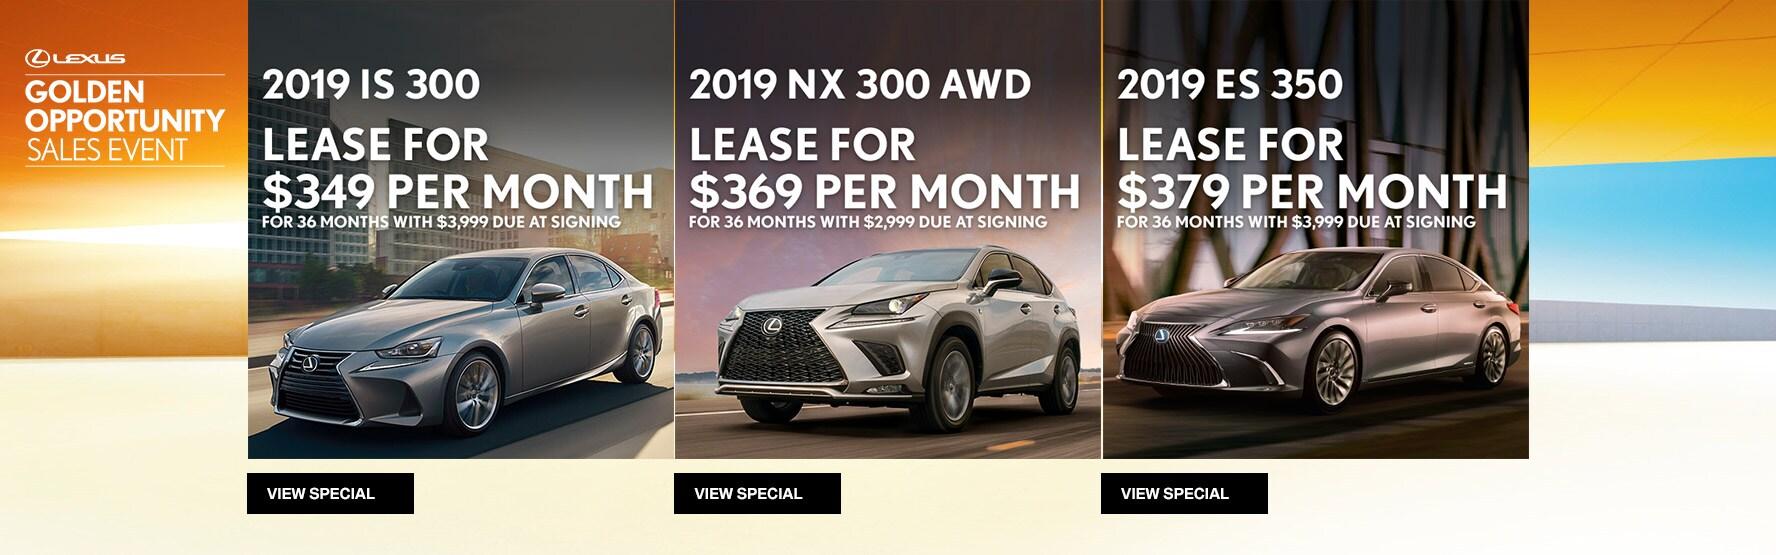 2011 lexus rx450h service schedule